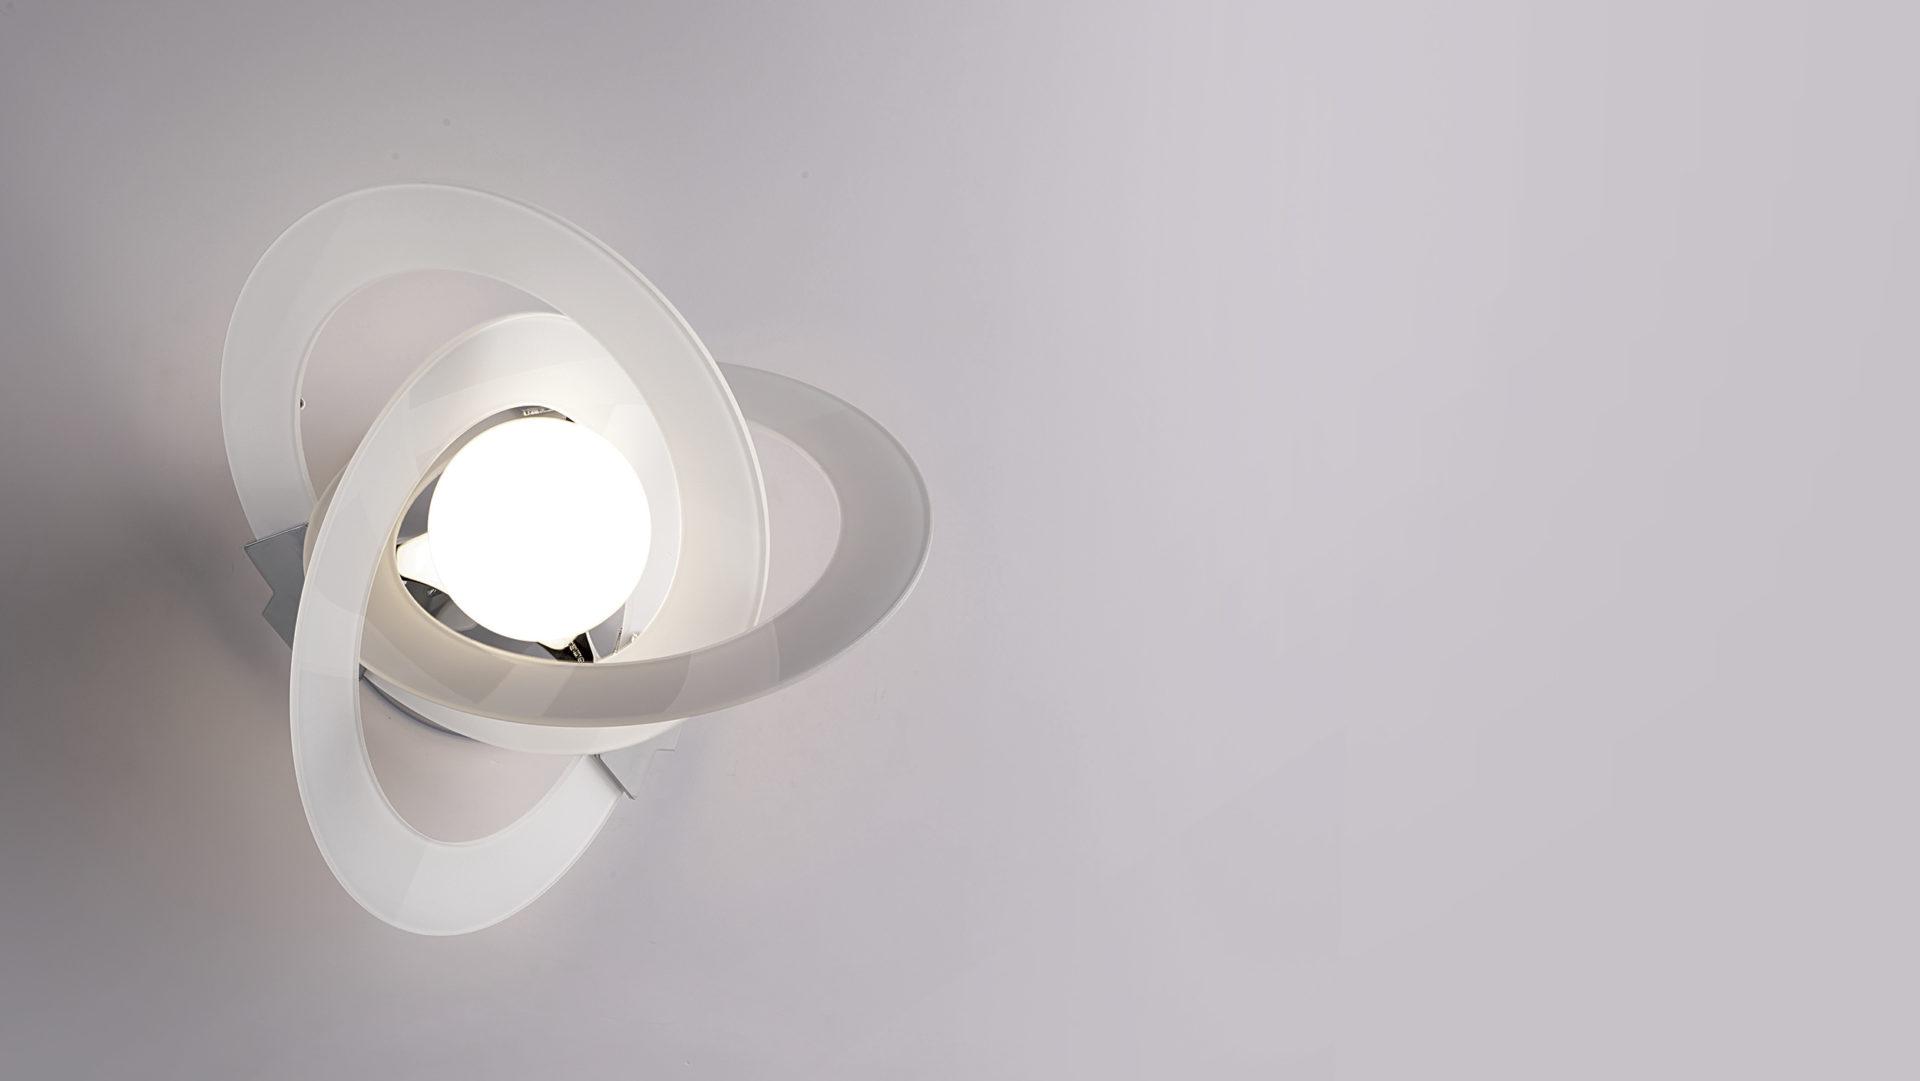 Plafoniere Da Parete Alternative : Orbit lampade da parete cattaneo illuminazione